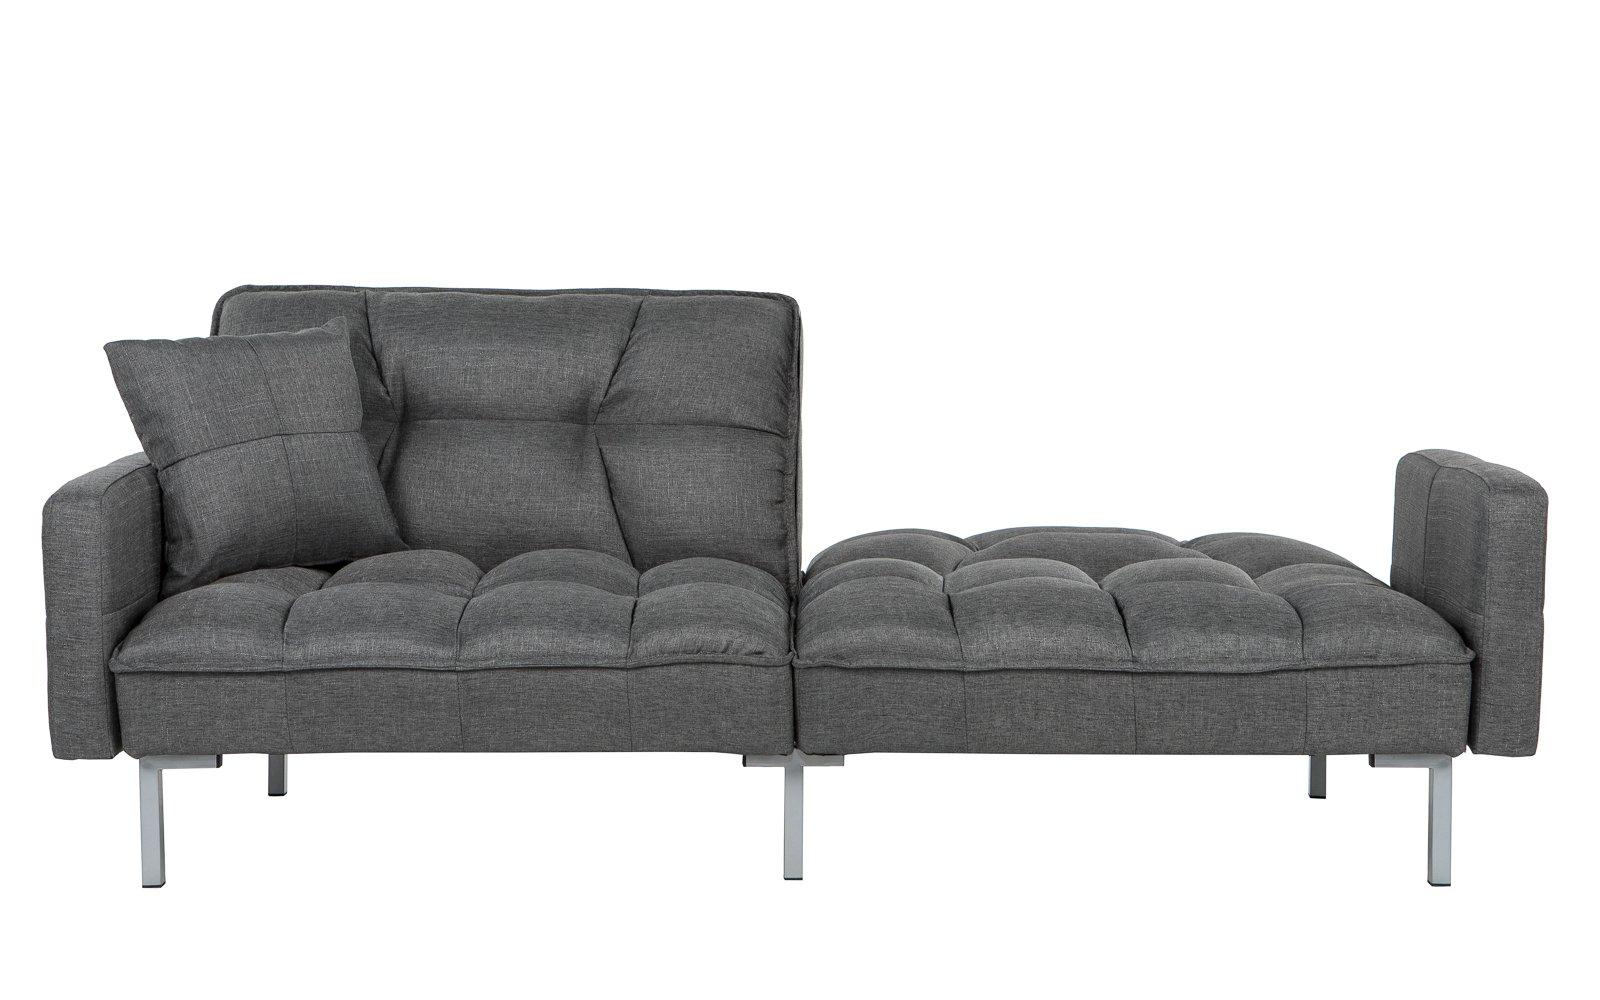 Futon couch ... verne modern linen plush futon in dark gray with a flat backrest YSBTRLQ